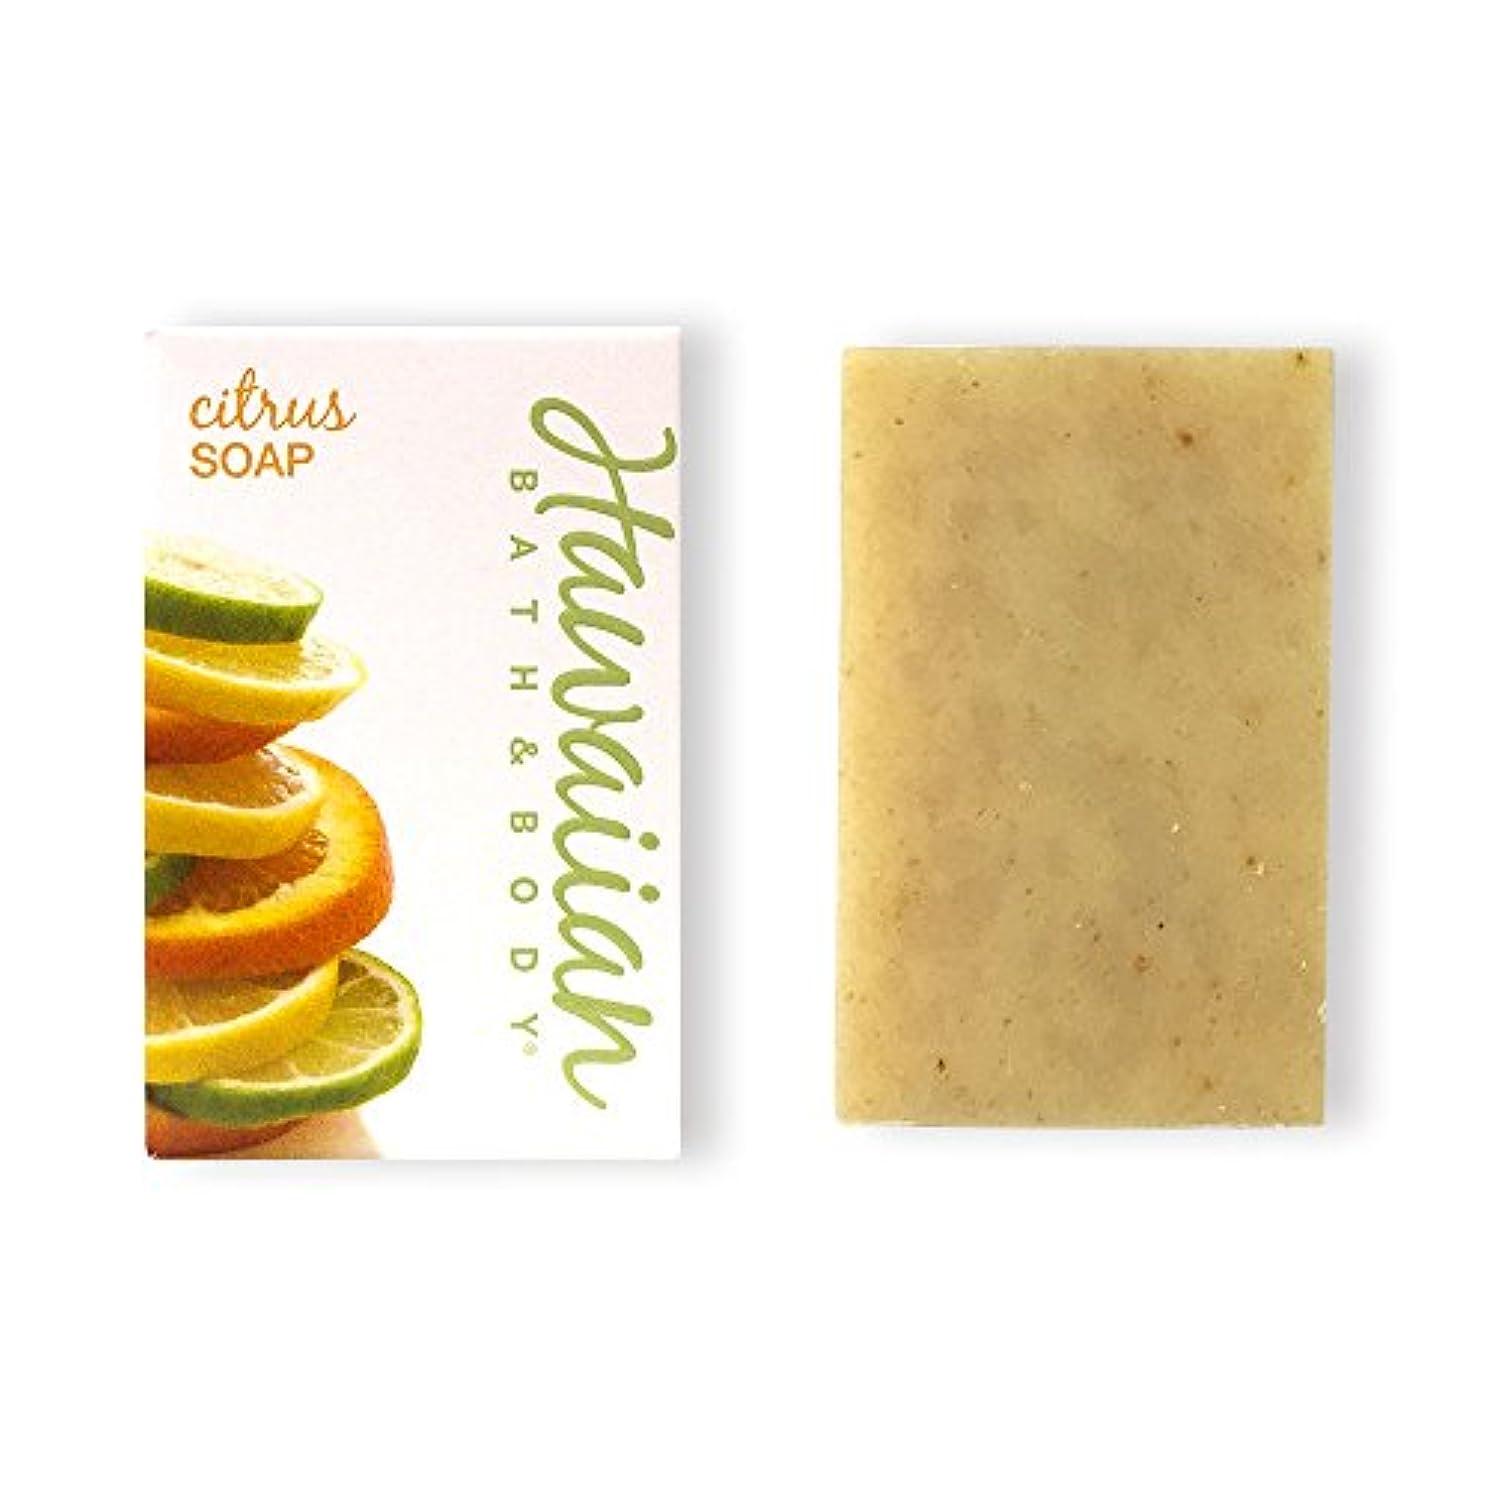 マントル抹消華氏ハワイアンバス&ボディ ハワイアン?シトラスソープ( Citrus Soap )